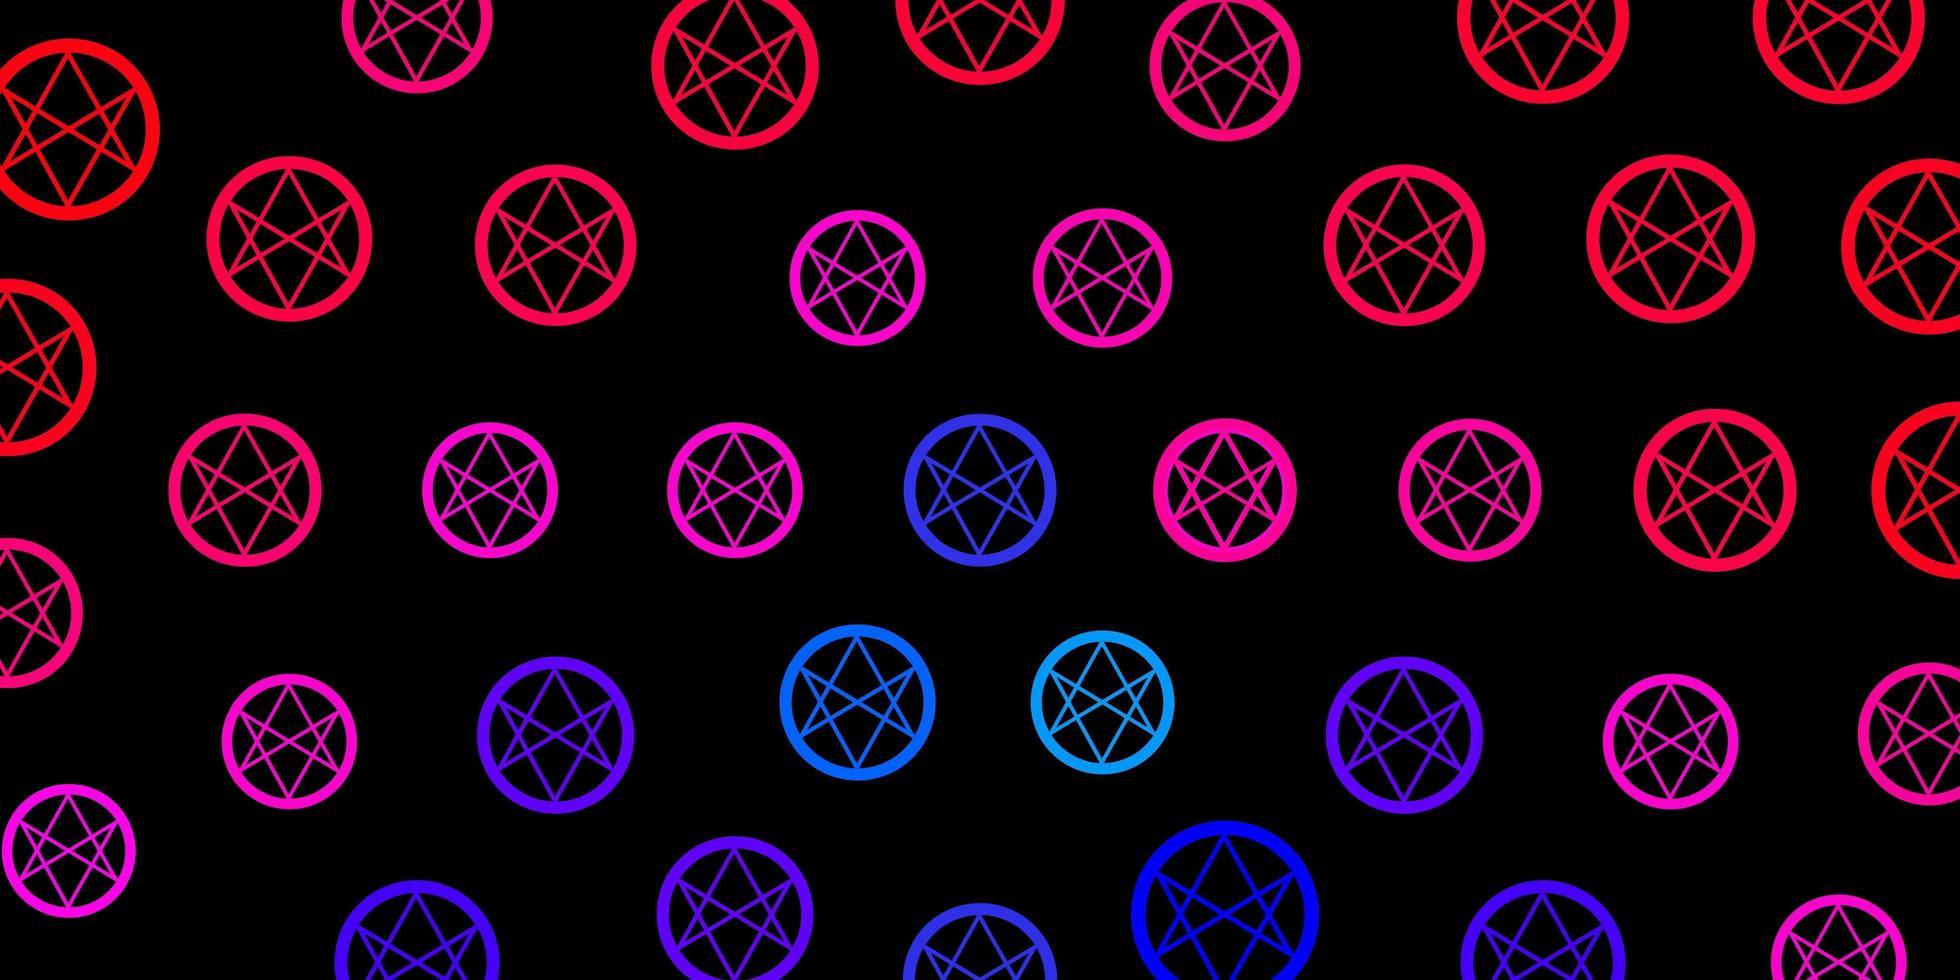 dunkelrosa Vektorbeschaffenheit mit Religionssymbolen. vektor